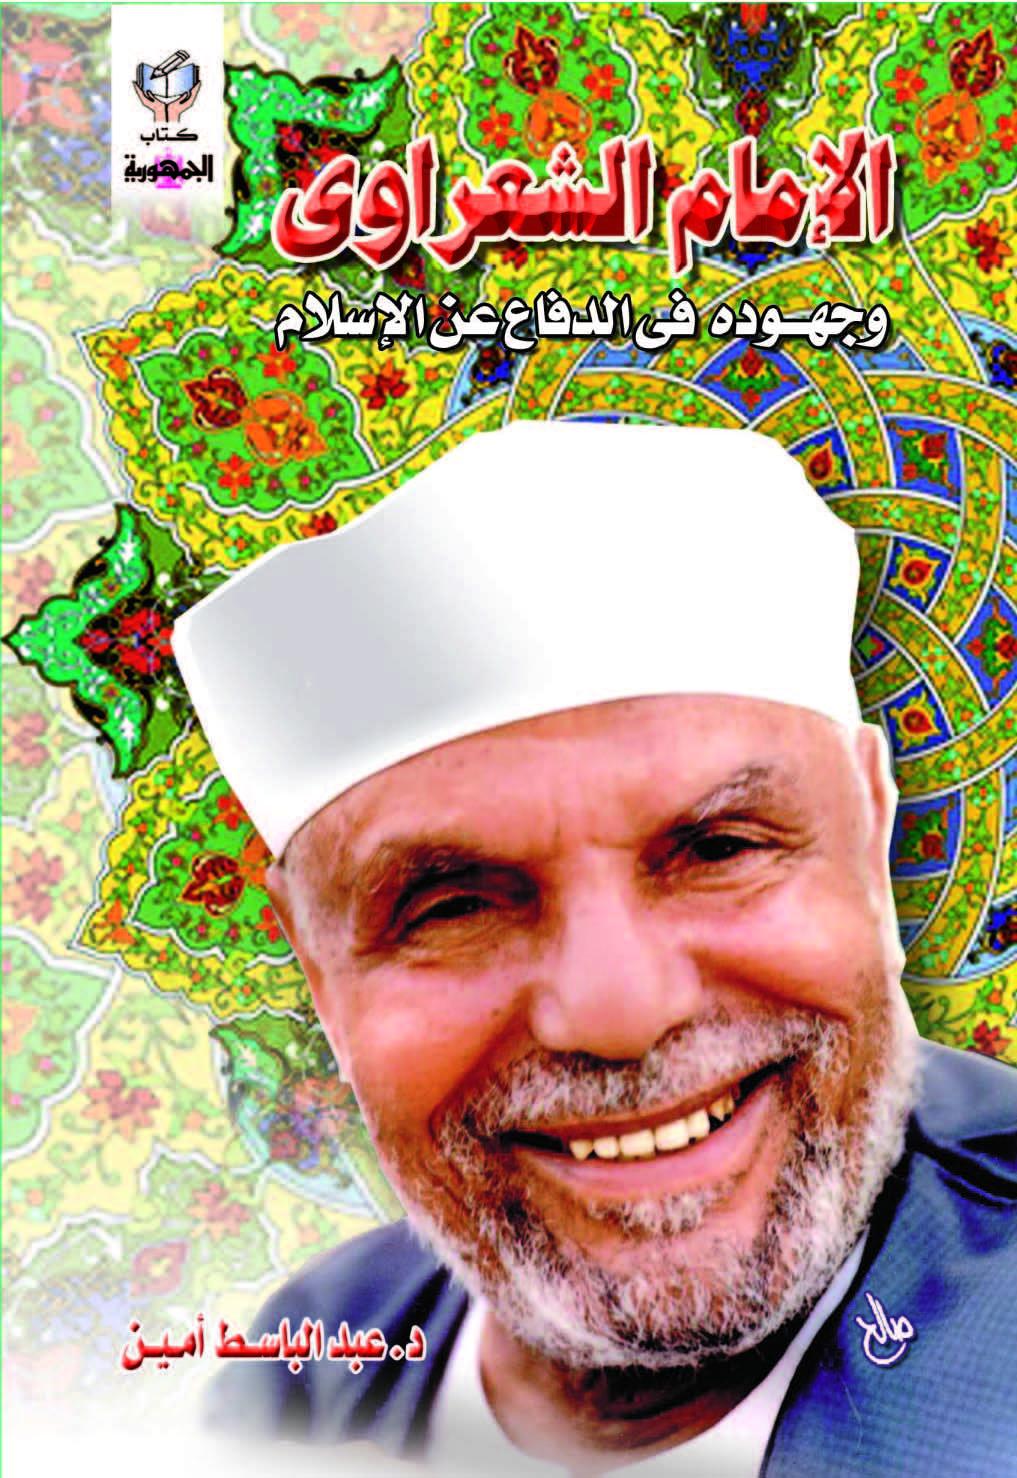 الإمام الشعراوى وجهوده في الدفاع عن الأسلام